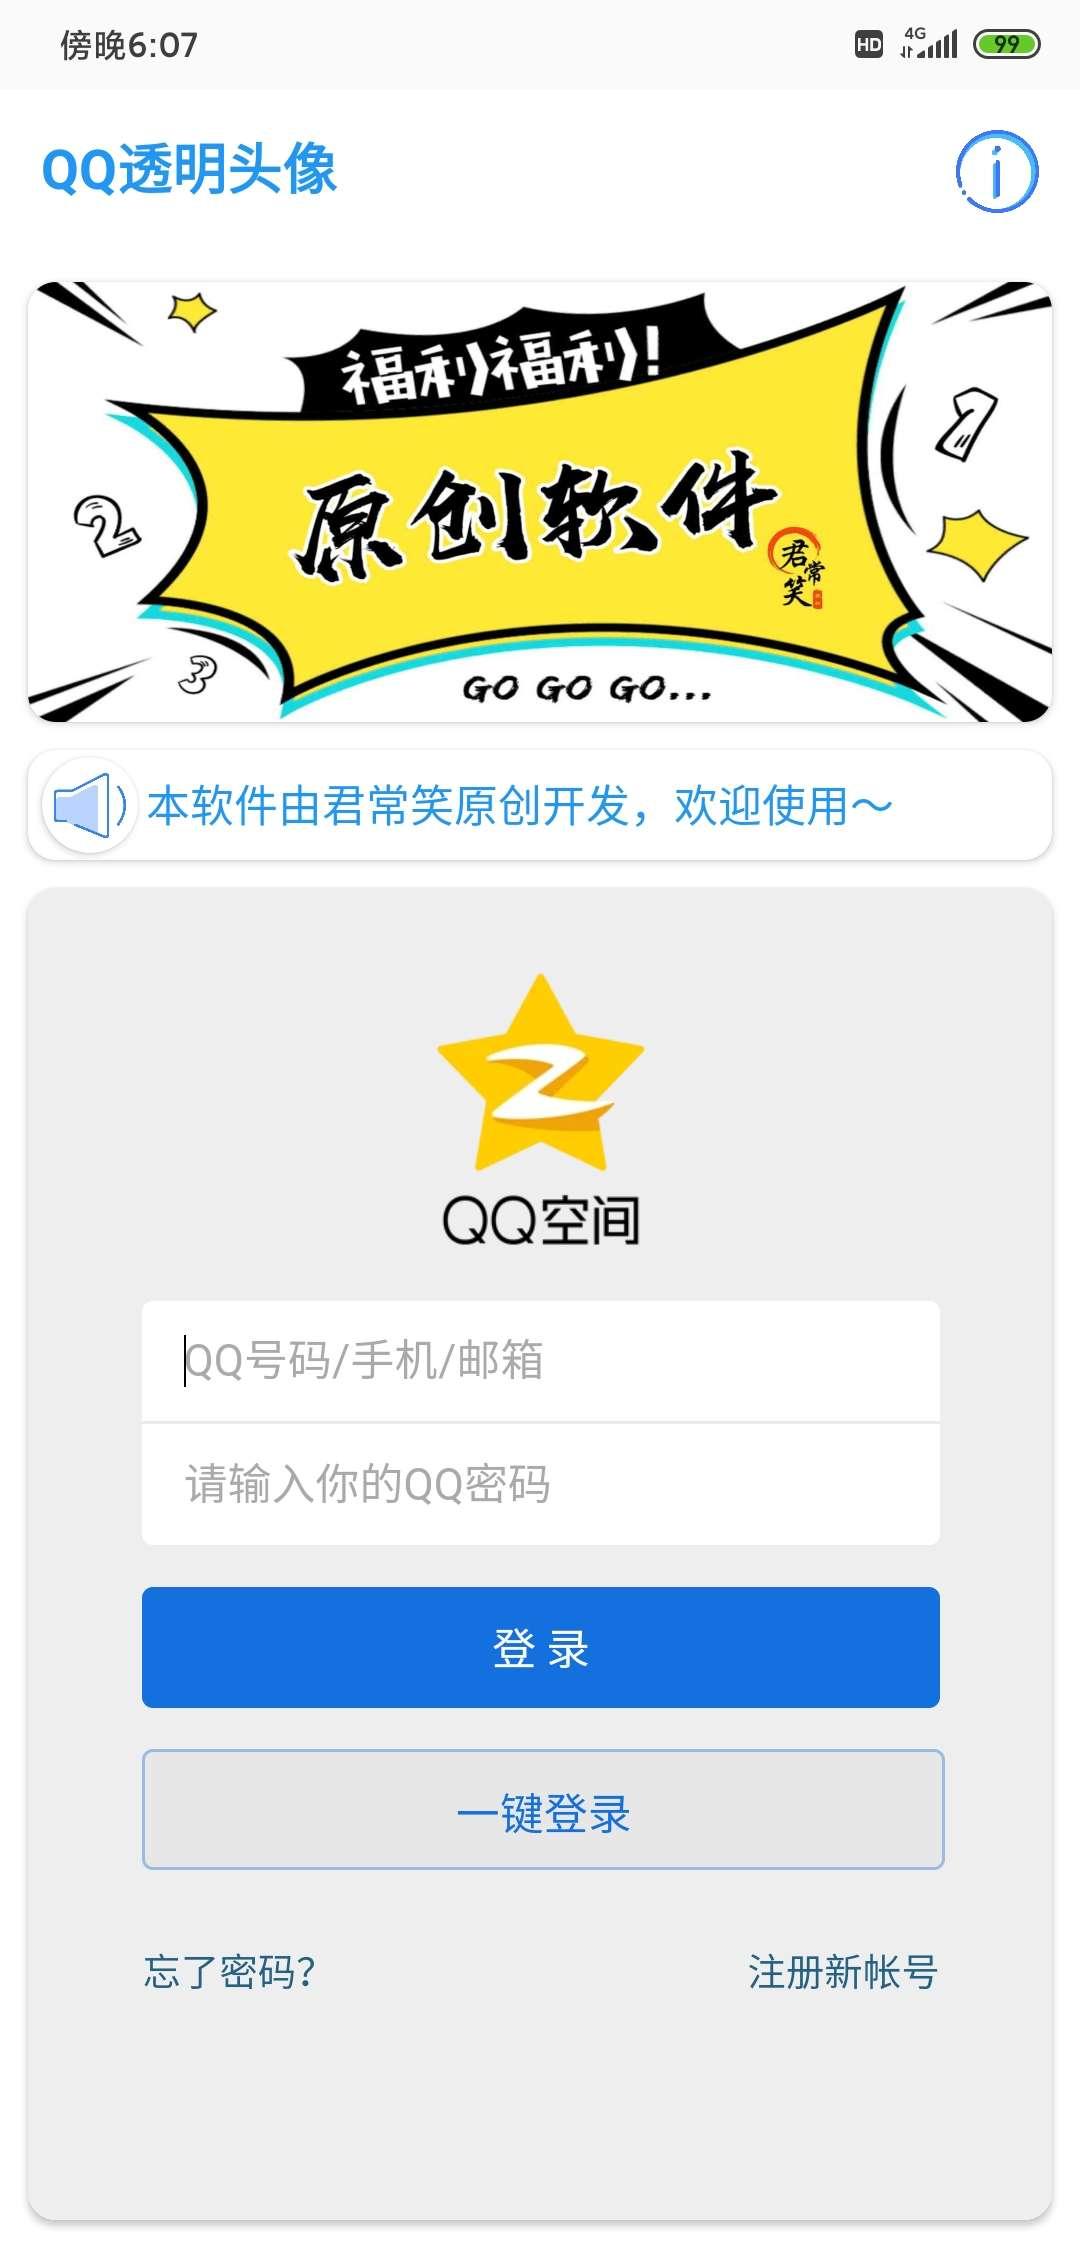 【原创开发】QQ透明头像 2.0 新增自定义上传半透明头像功能…